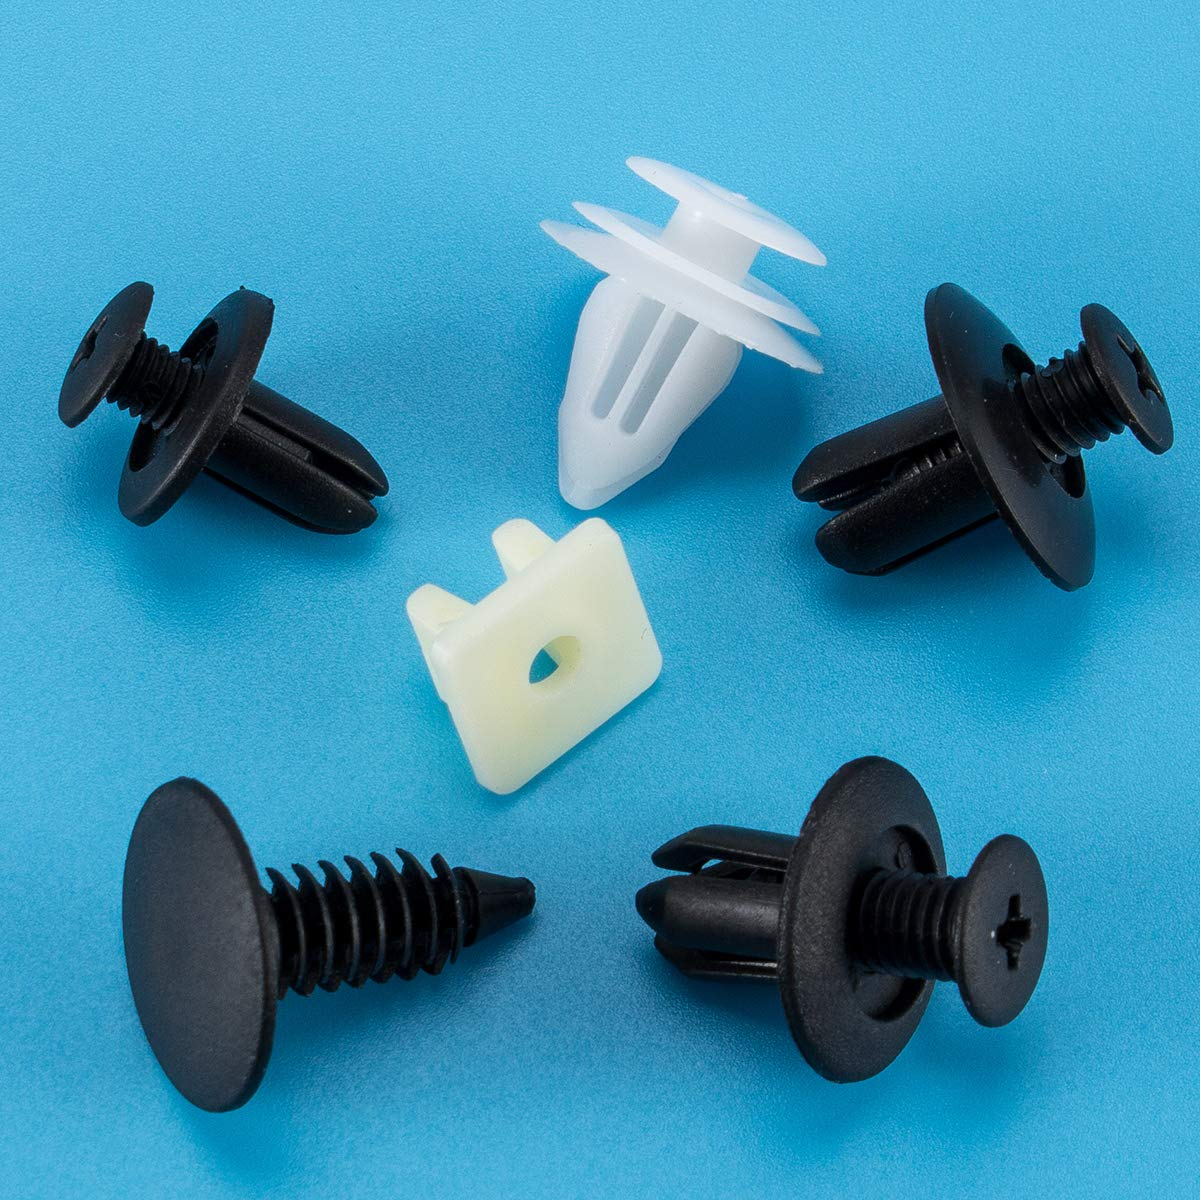 6 Especificaciones especificaciones universales y diferentes Soportes de la puerta Soportes de topes para Madholly 150PCS Clips de fijaci/ón para autom/óviles